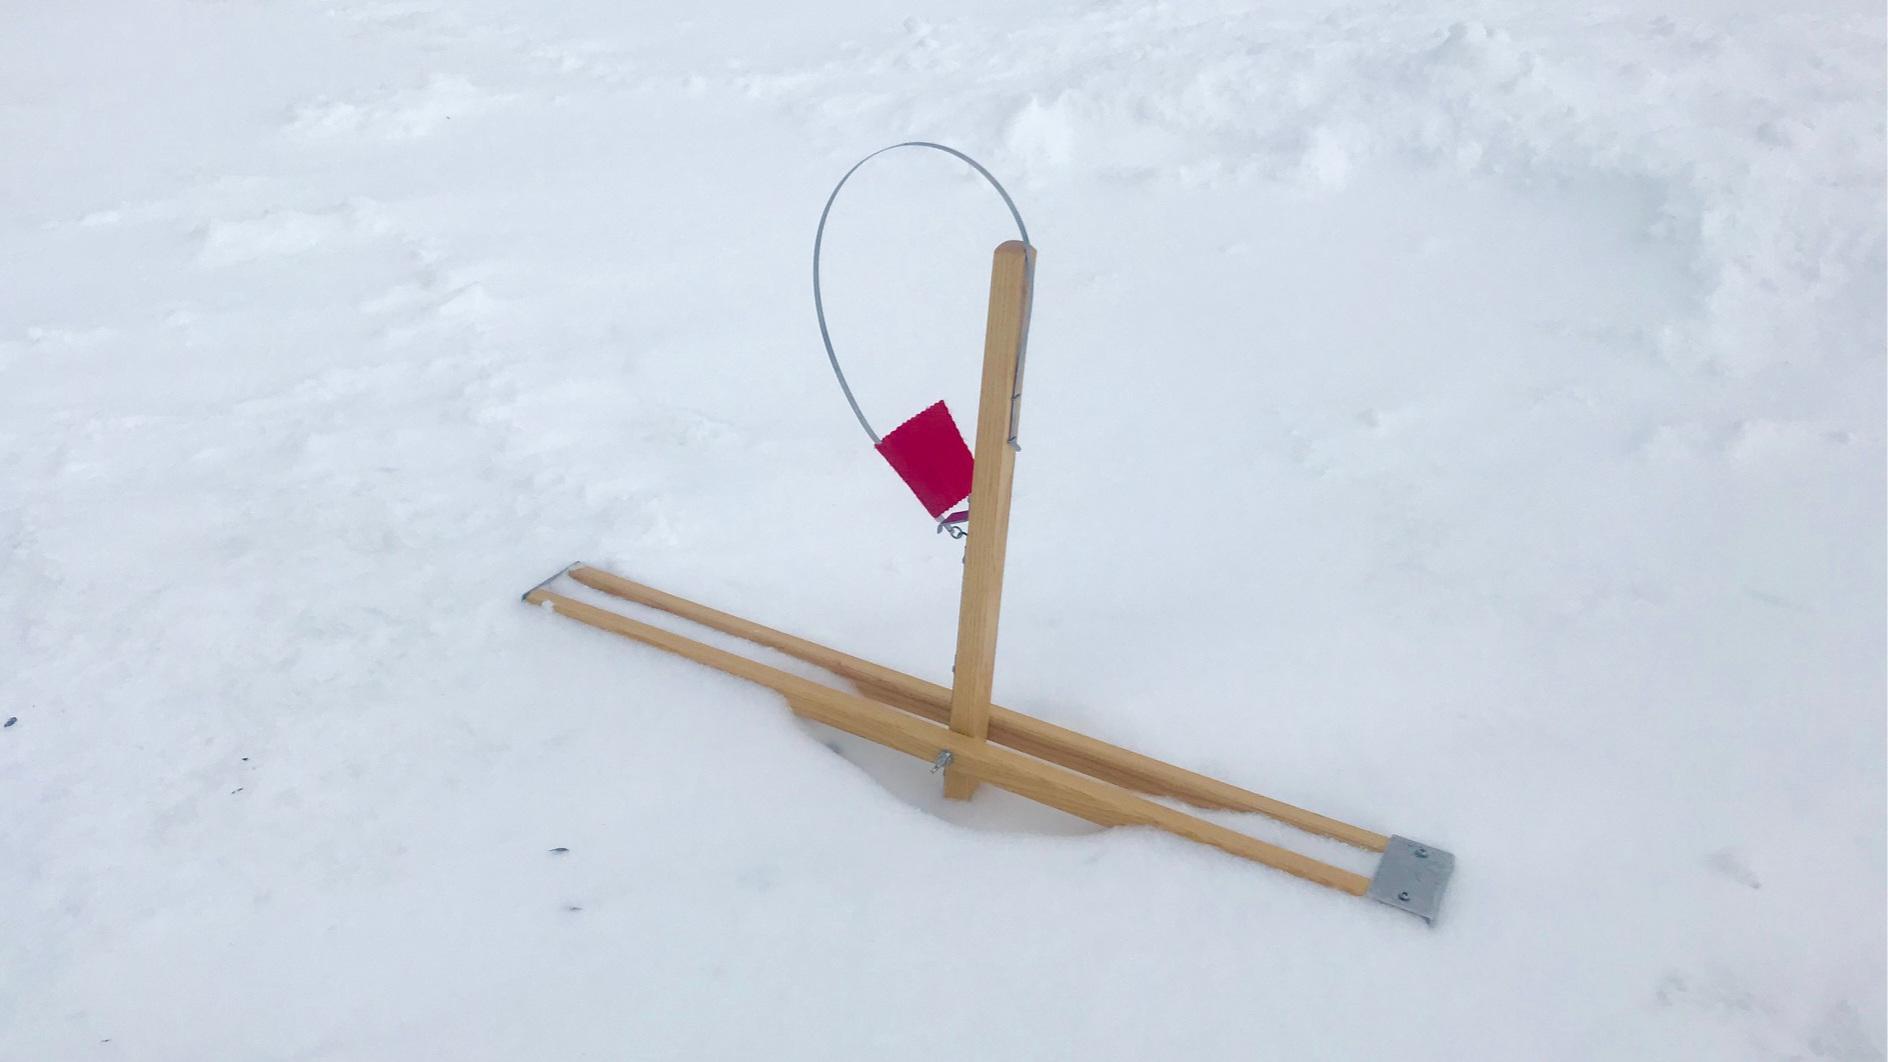 ice+fishing+trap+Moosehead+Lake.jpg